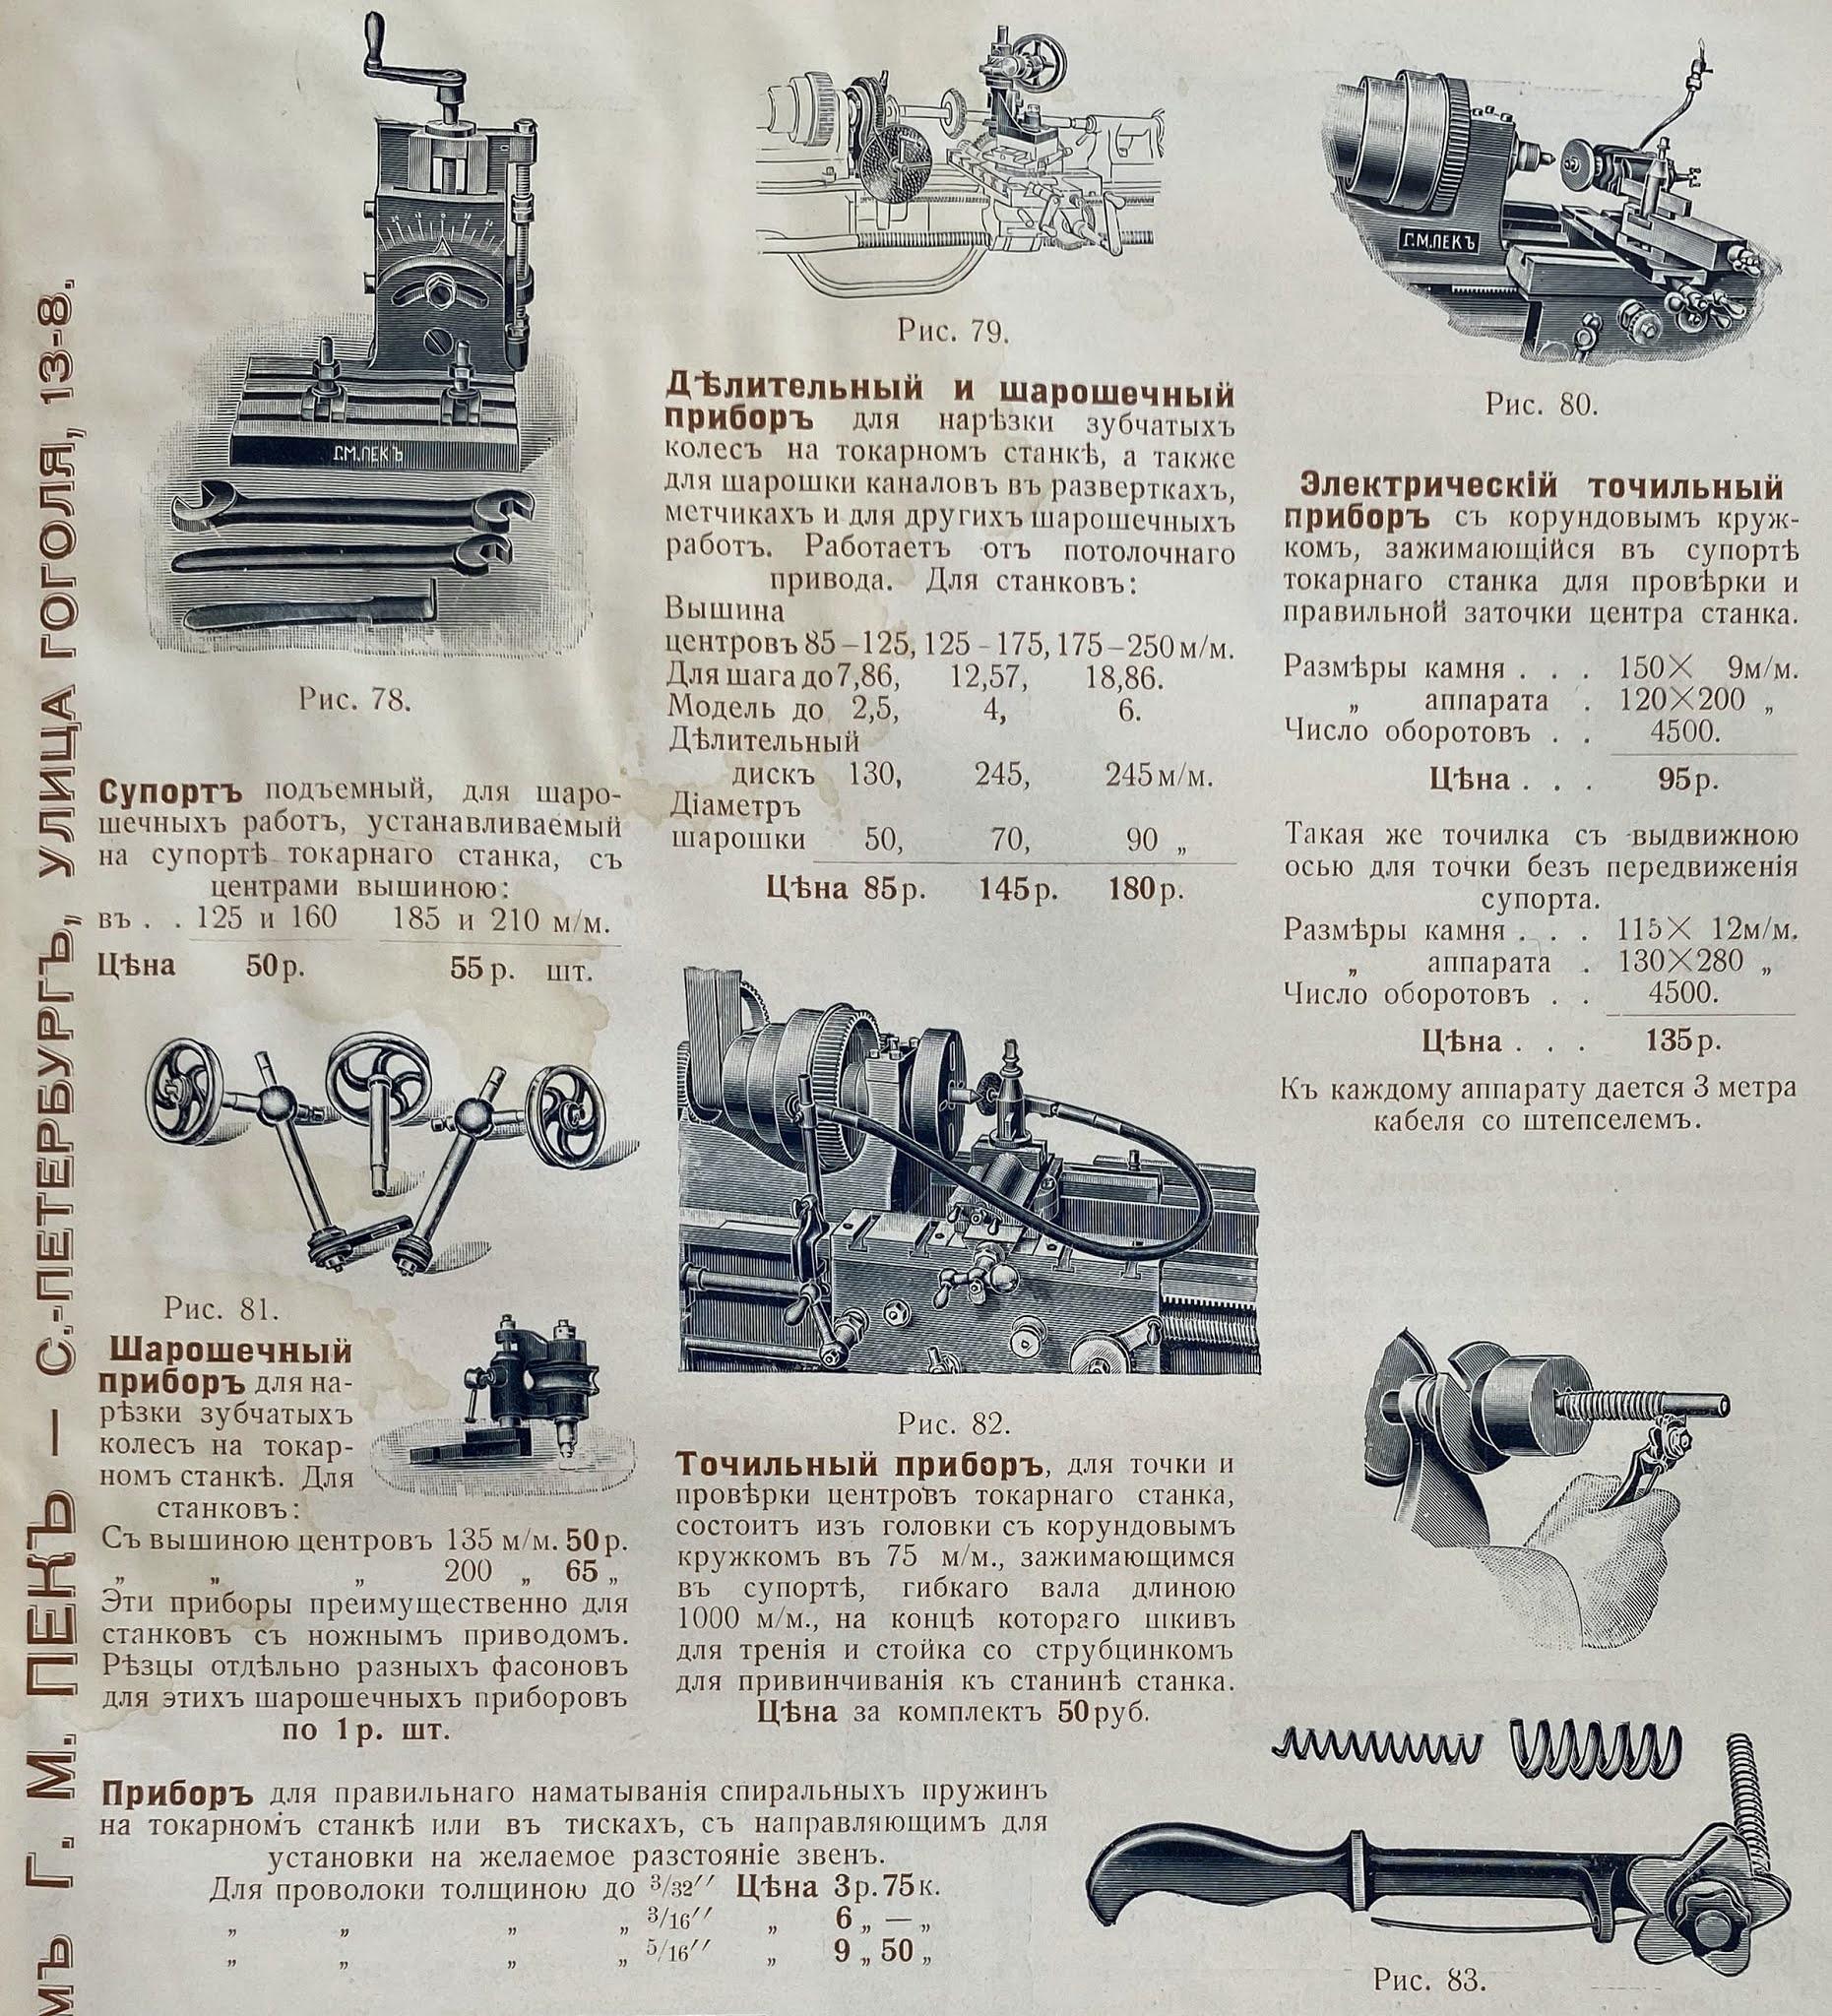 Фрезерные инструменты, торцовые фрезы, сверление, фрезеровка, гравировка, снятие фаски, резка, токарные станки дореволюционного производства, Российская империя.